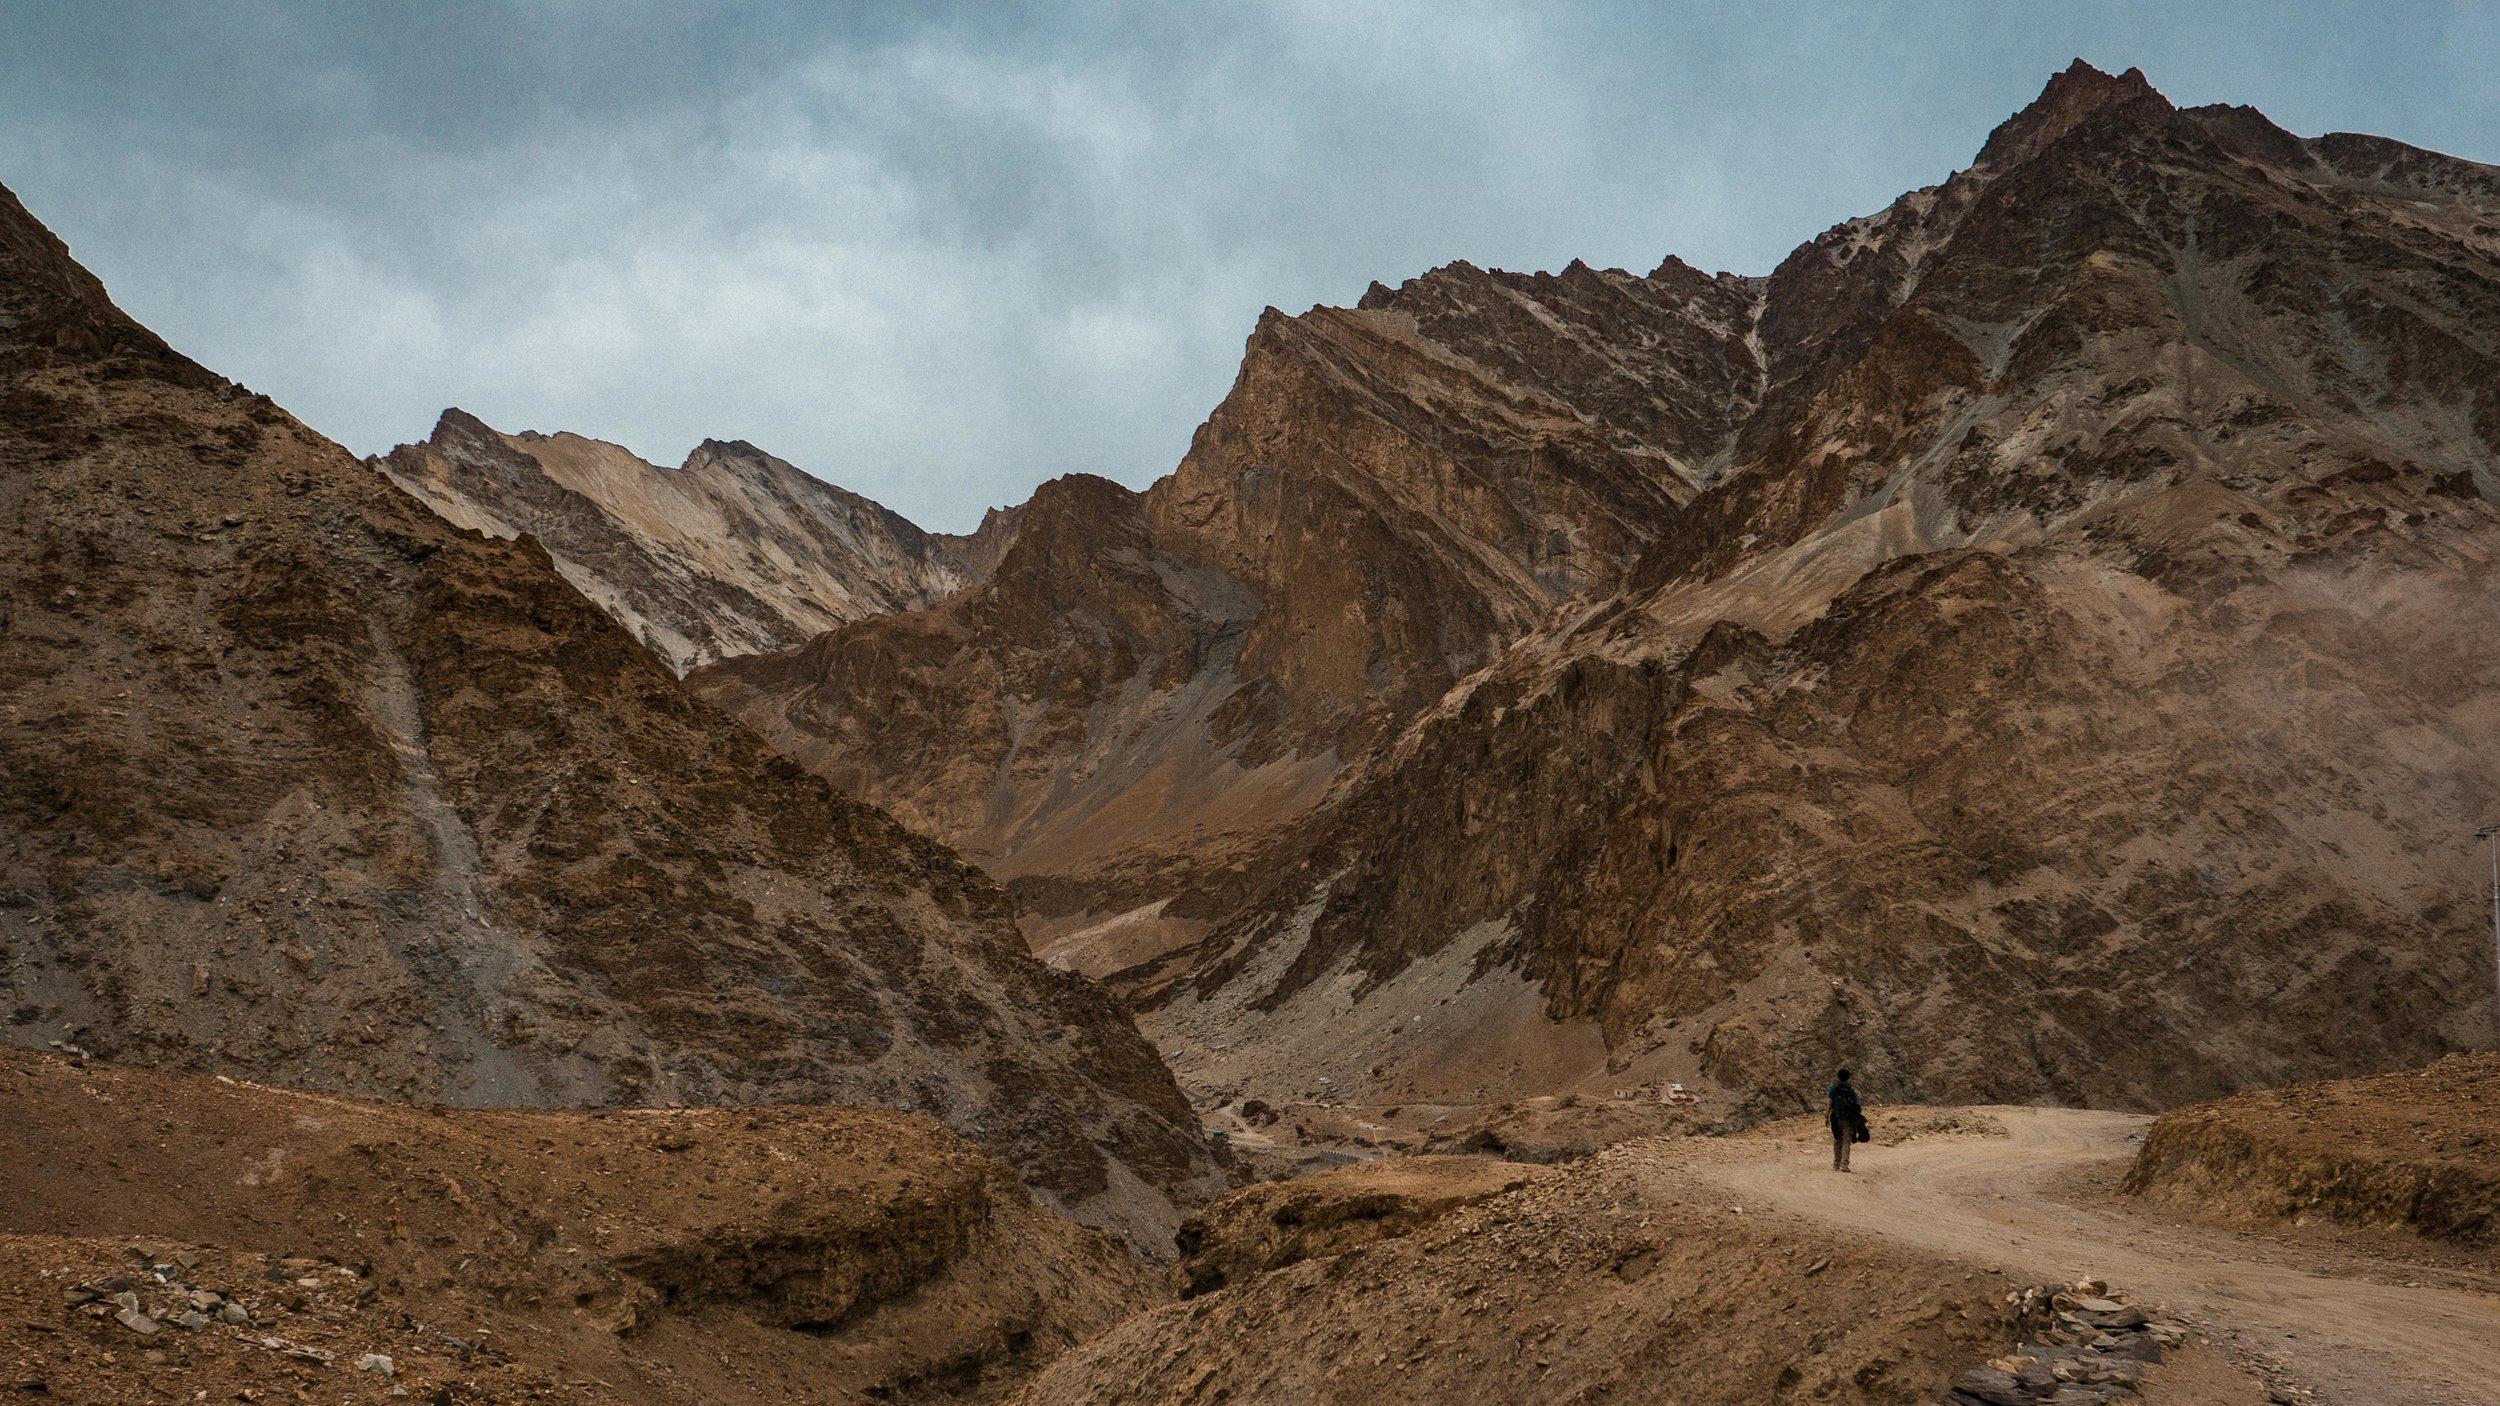 Where the Markha valley meets the Zanskar valley